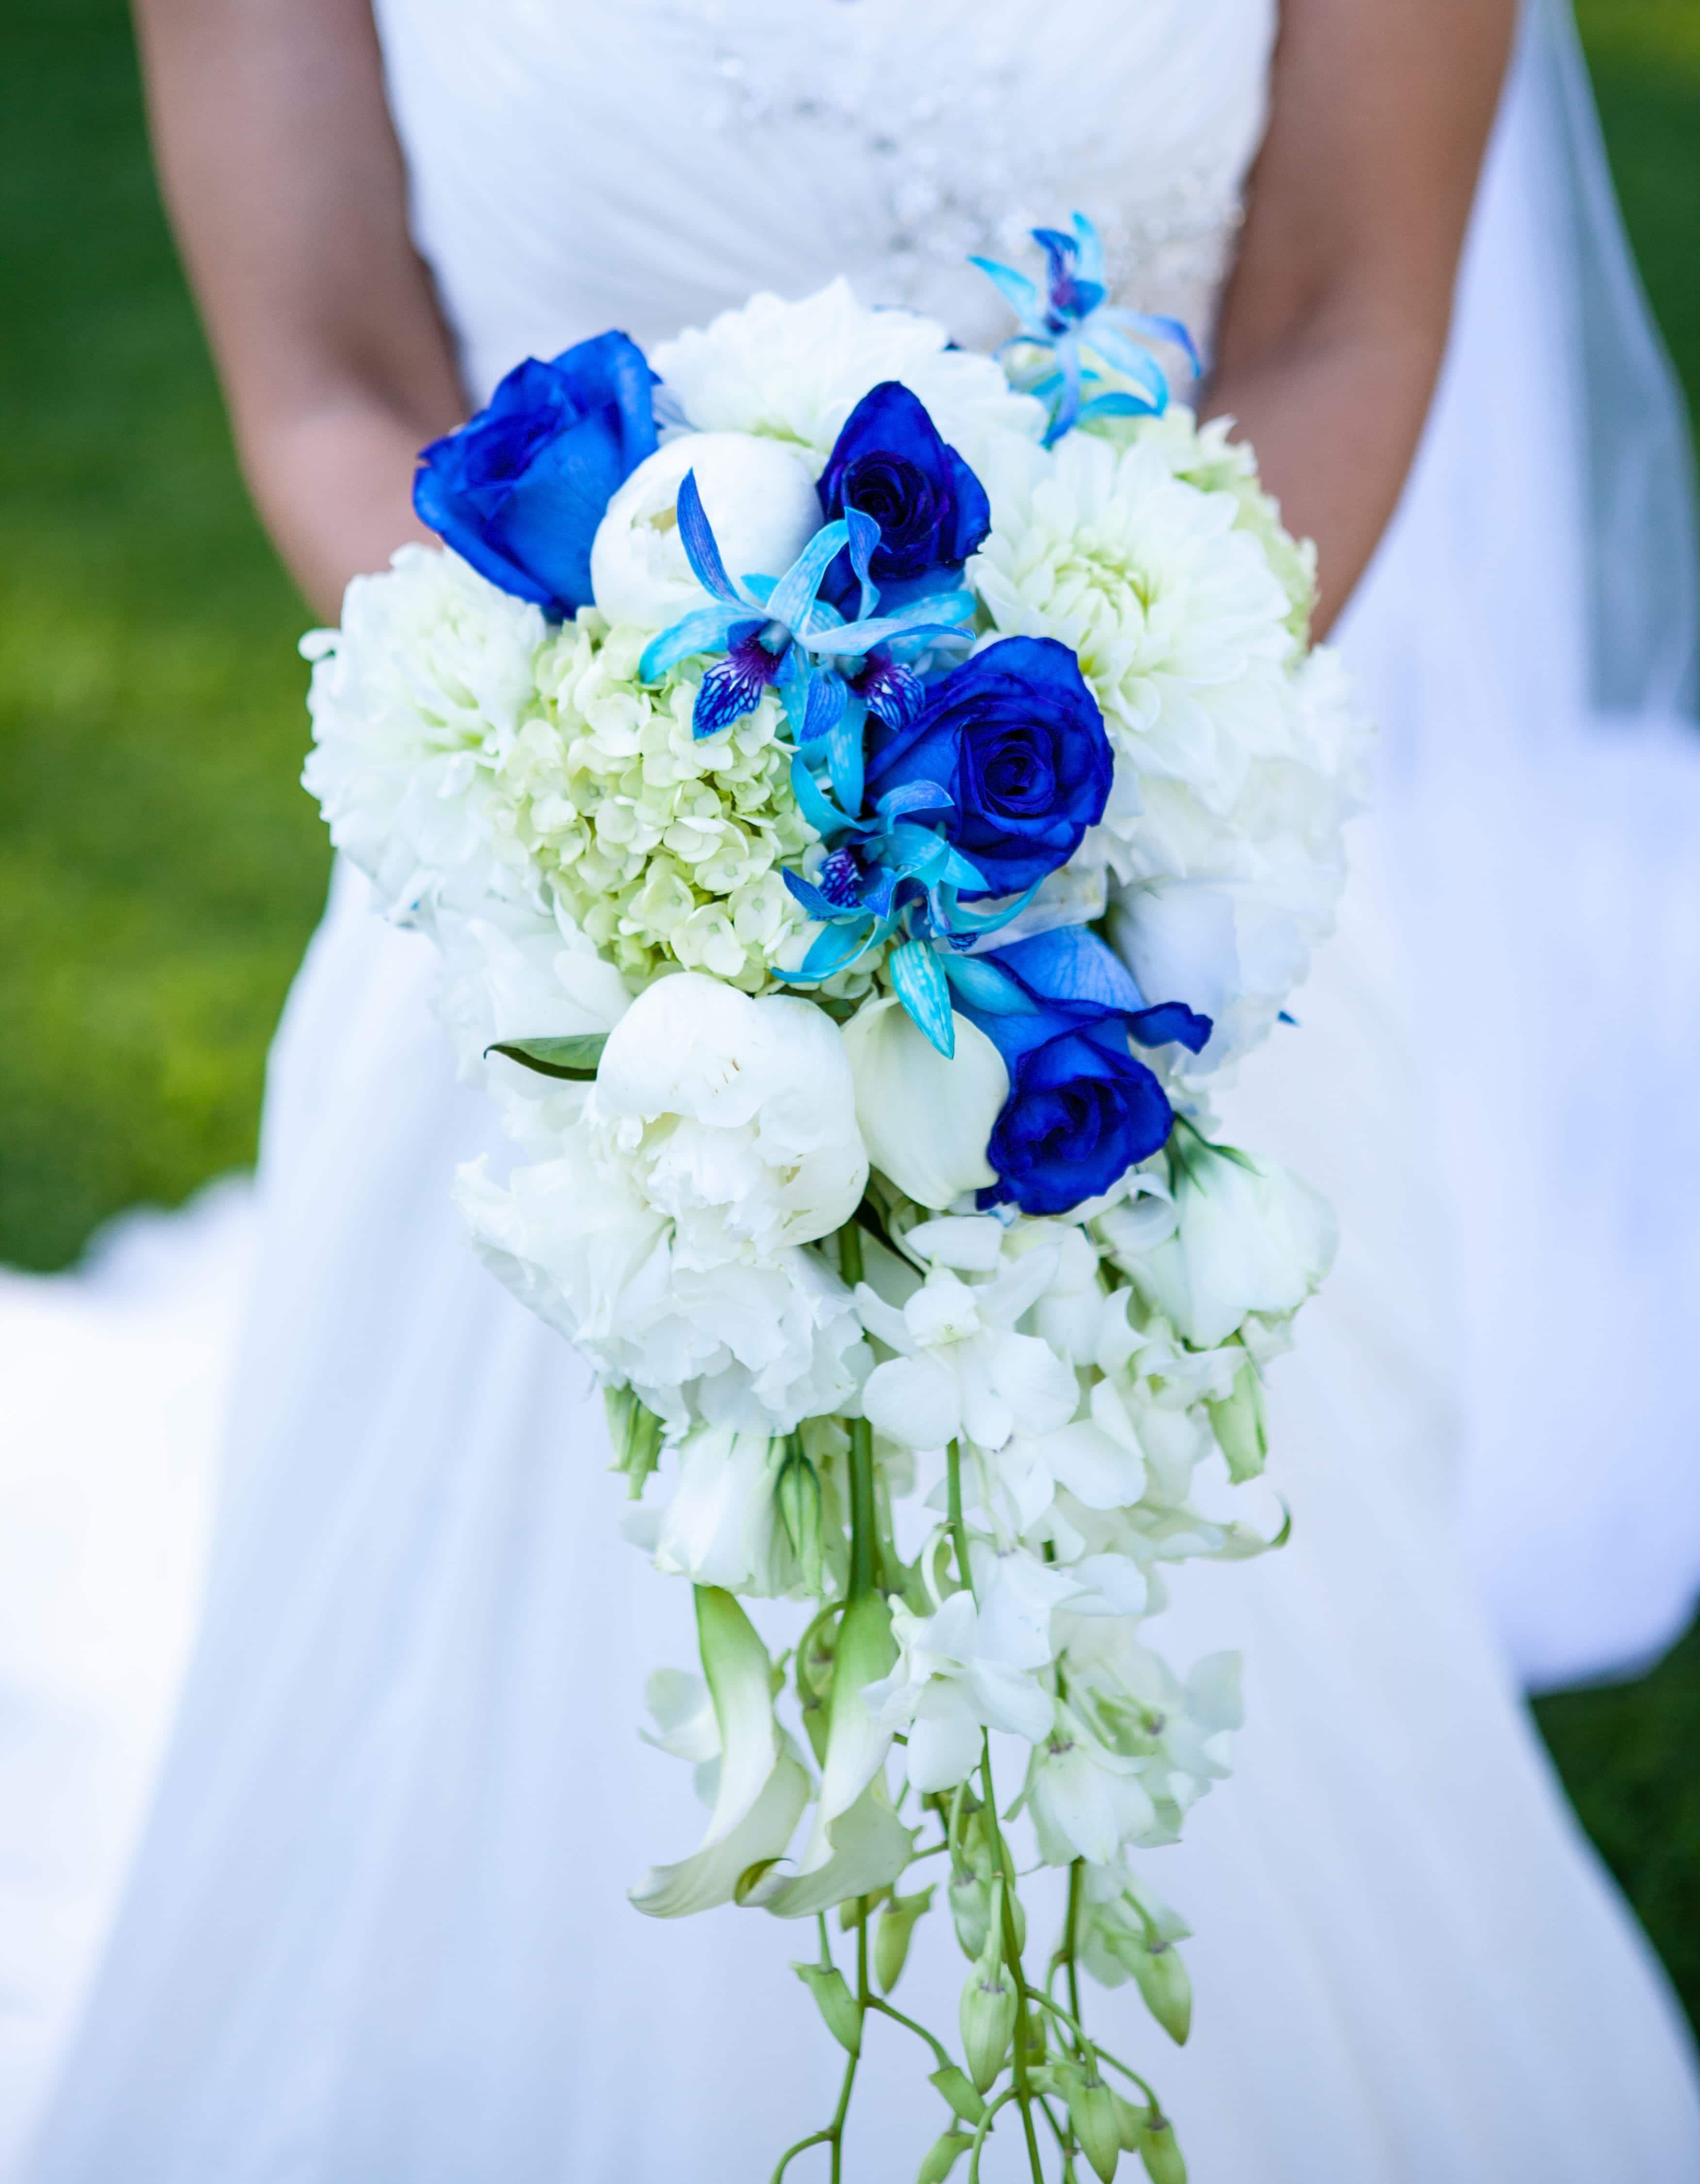 Brides bouquet at her wedding.